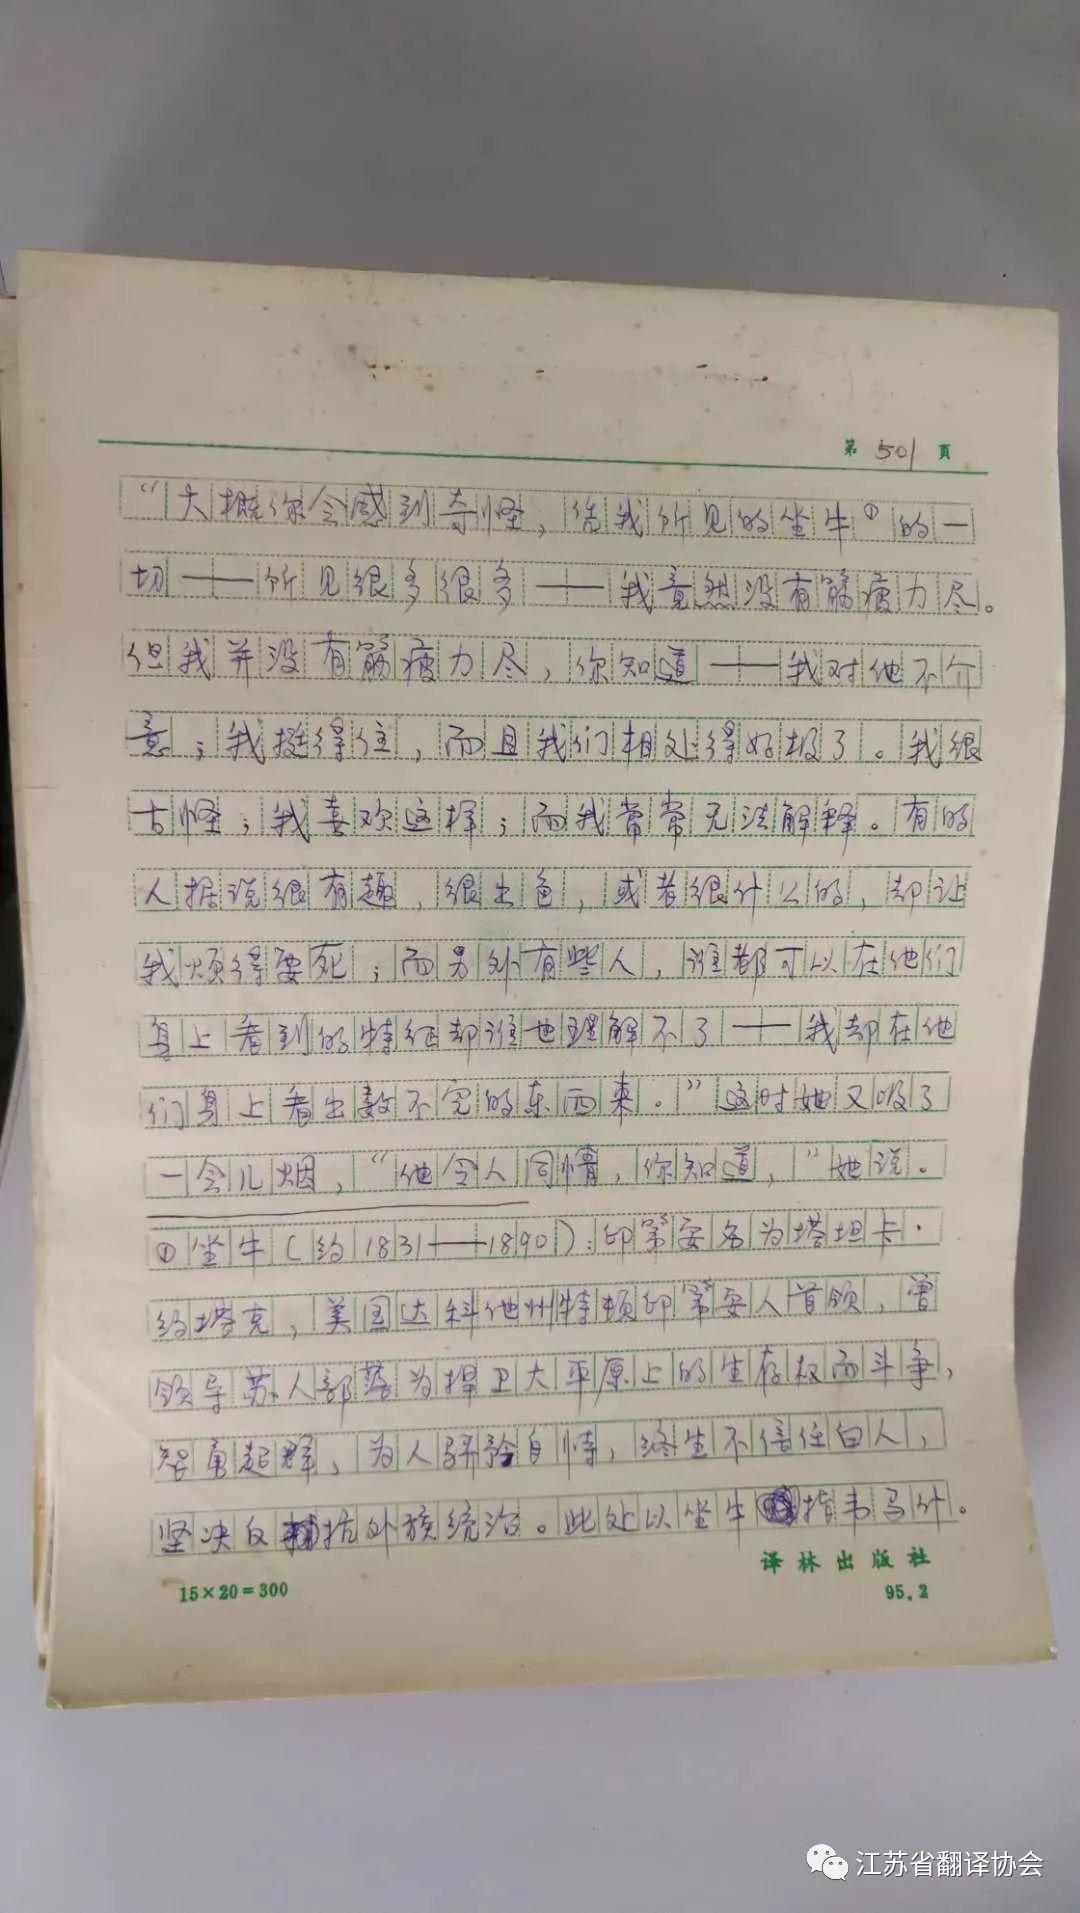 译记||一部小说断断续续翻译了二十四年——亨利·詹姆斯的《专使》译后记